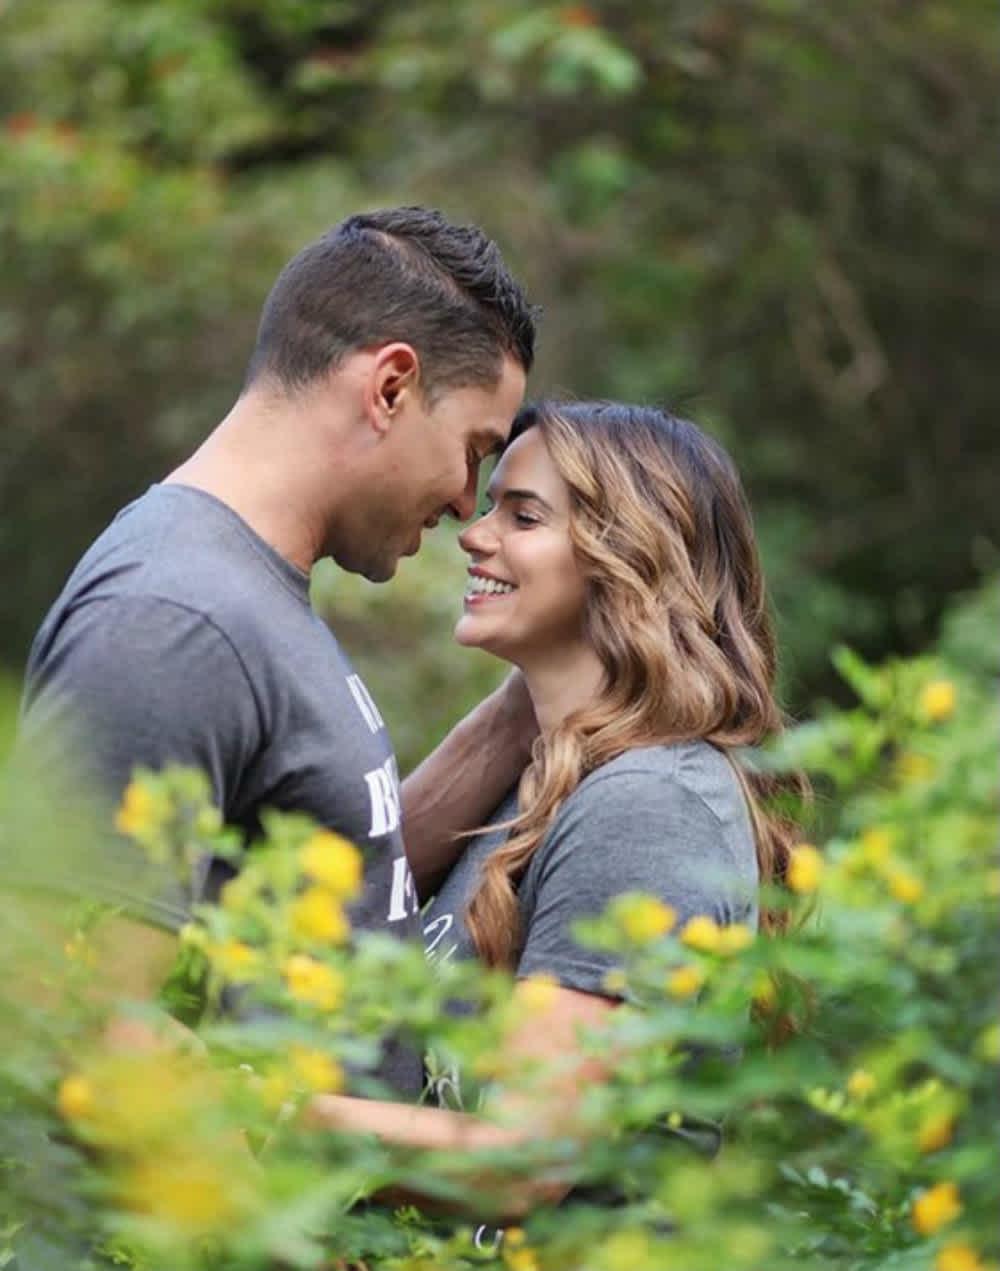 Rashel Díaz agradece todo lo que ha significado introducirse al cristianismo con su pareja.